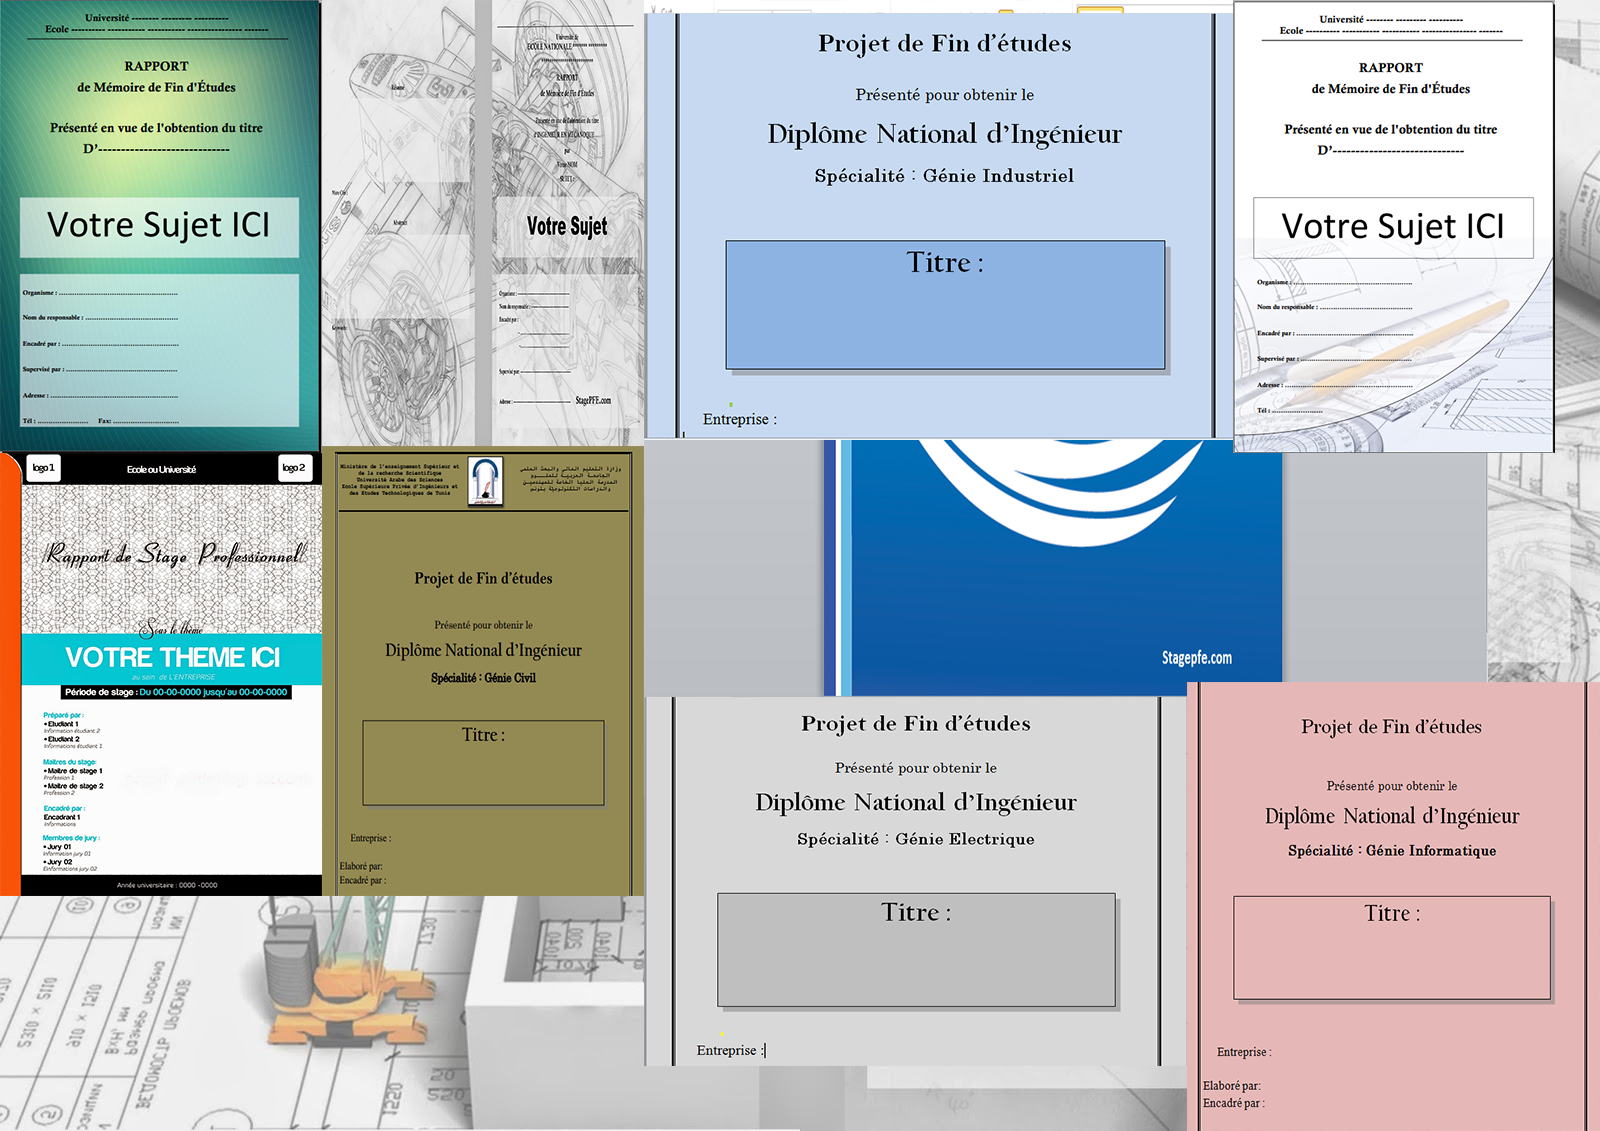 نماذج باج دوقارد Page de Garde للمذكرات و البحوث